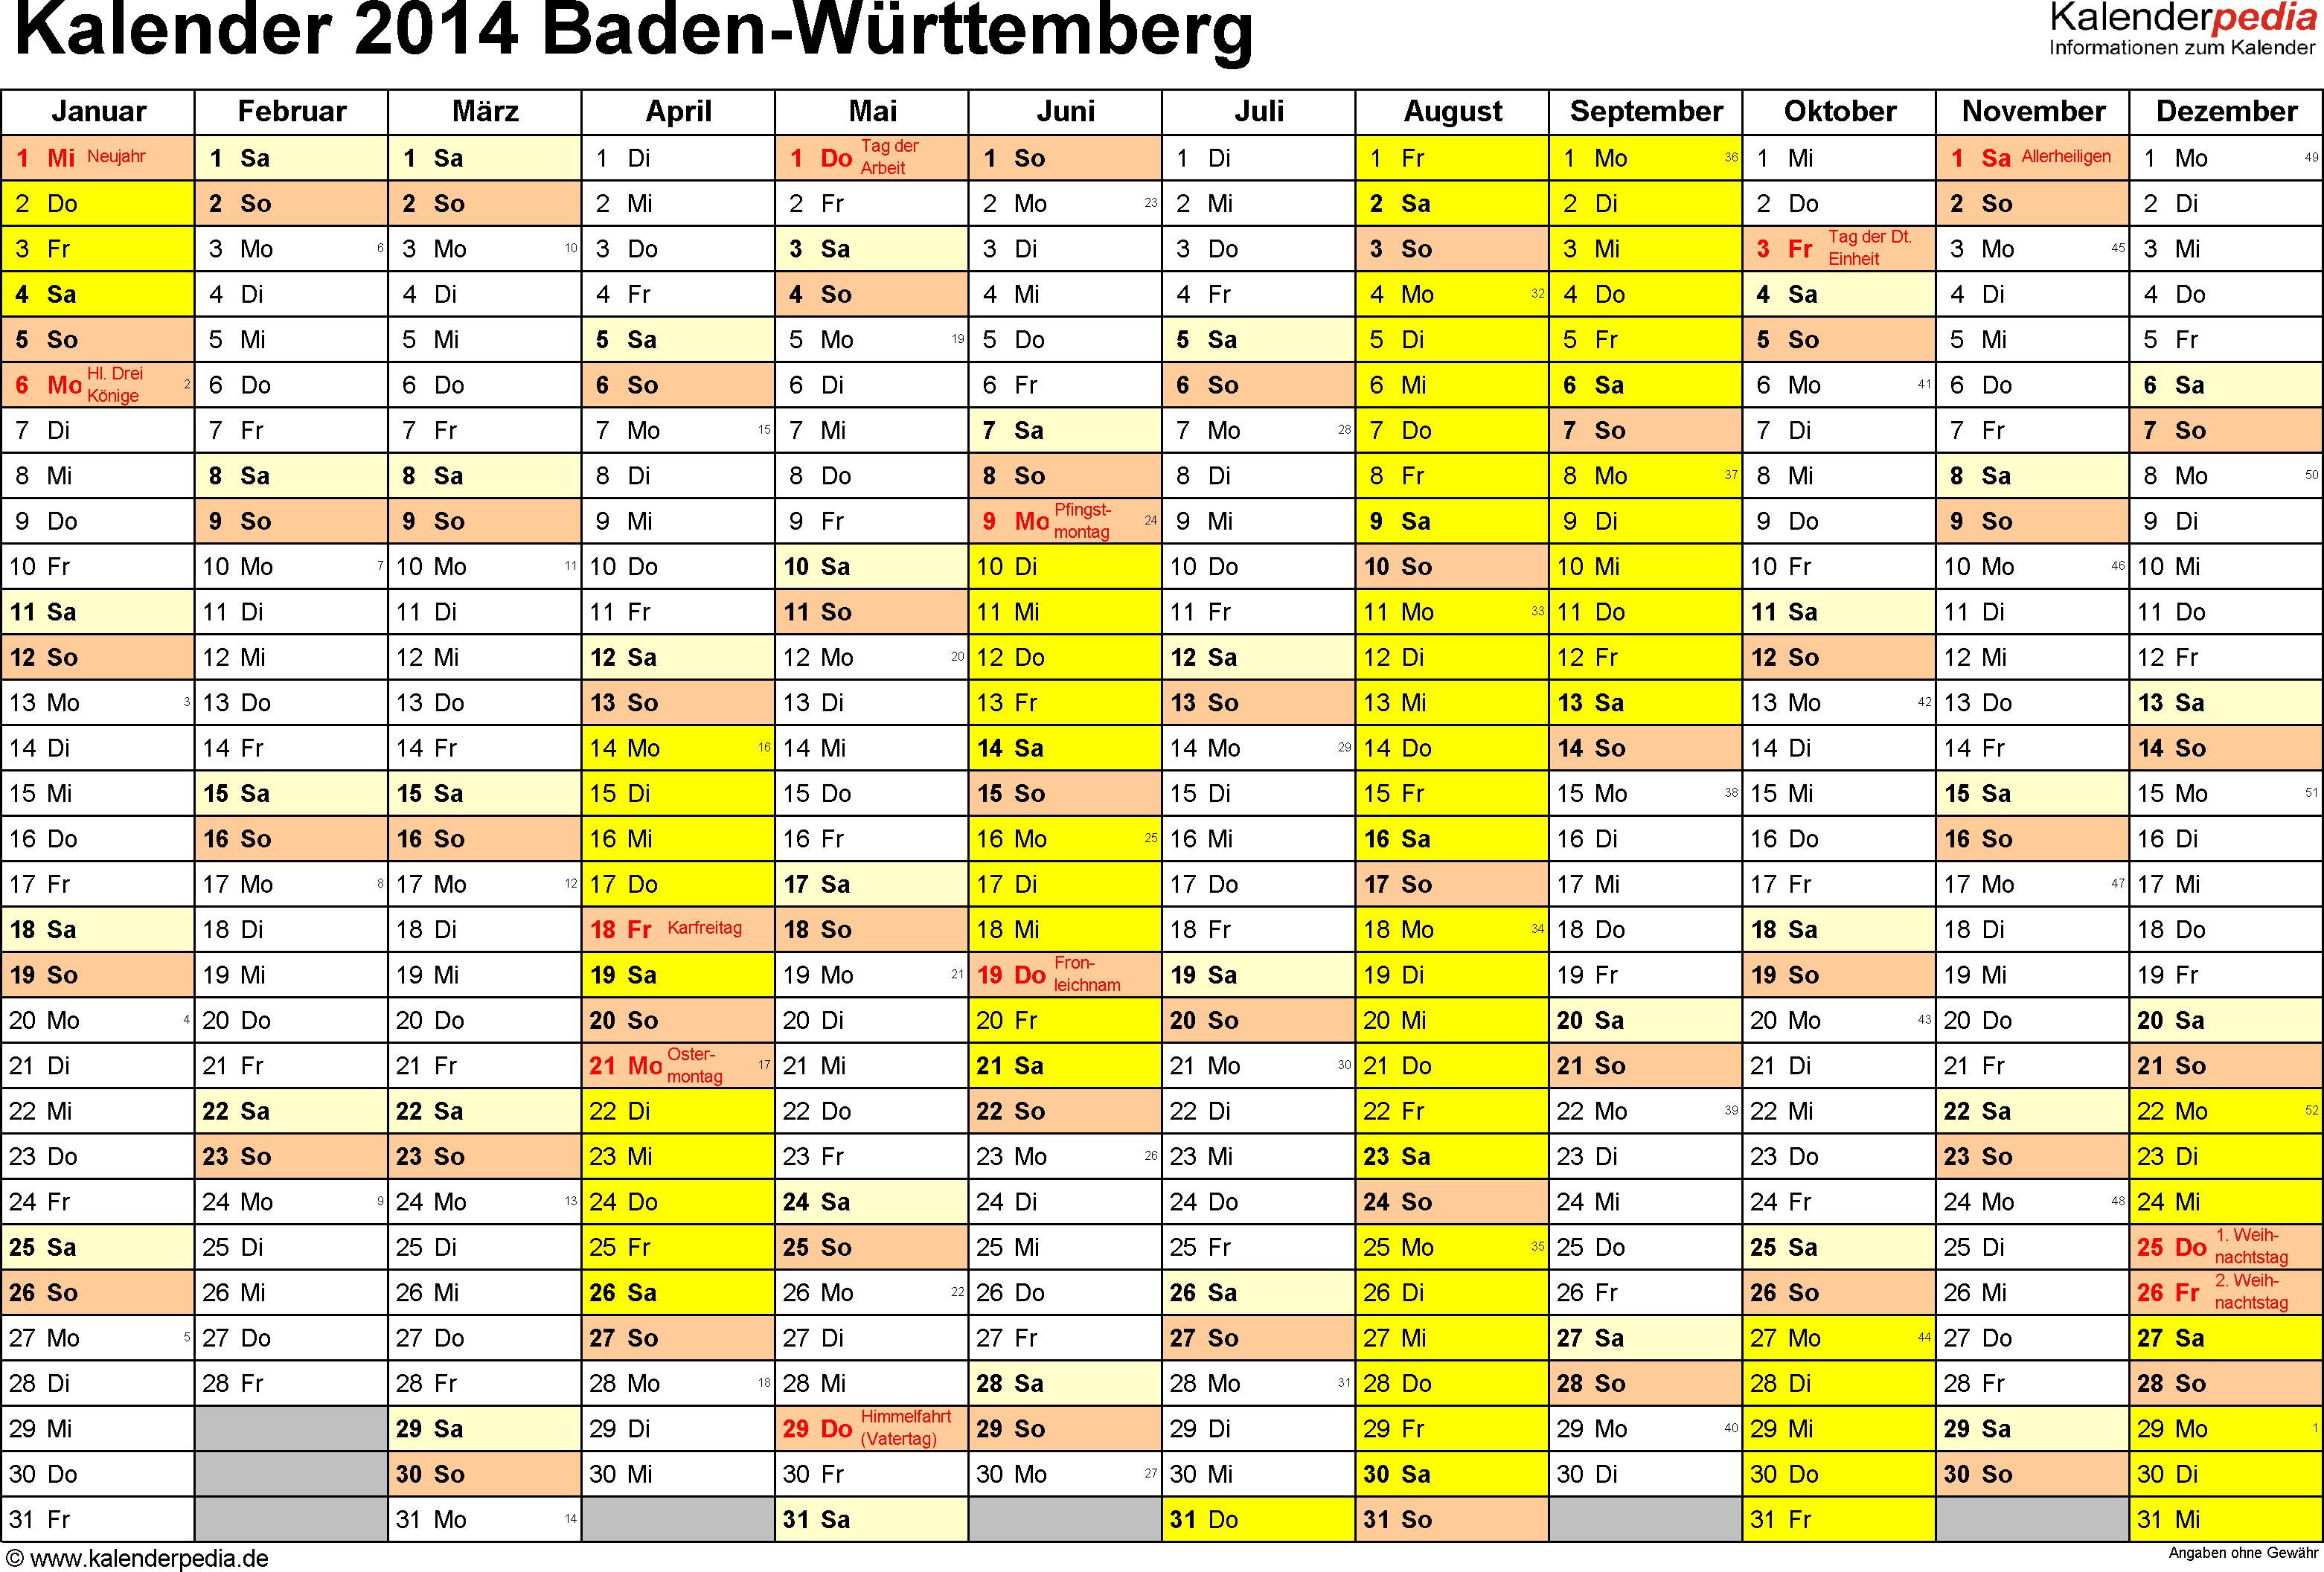 Vorlage 1: Kalender 2014 für Baden-Württemberg als PDF-Vorlage (Querformat, 1 Seite)